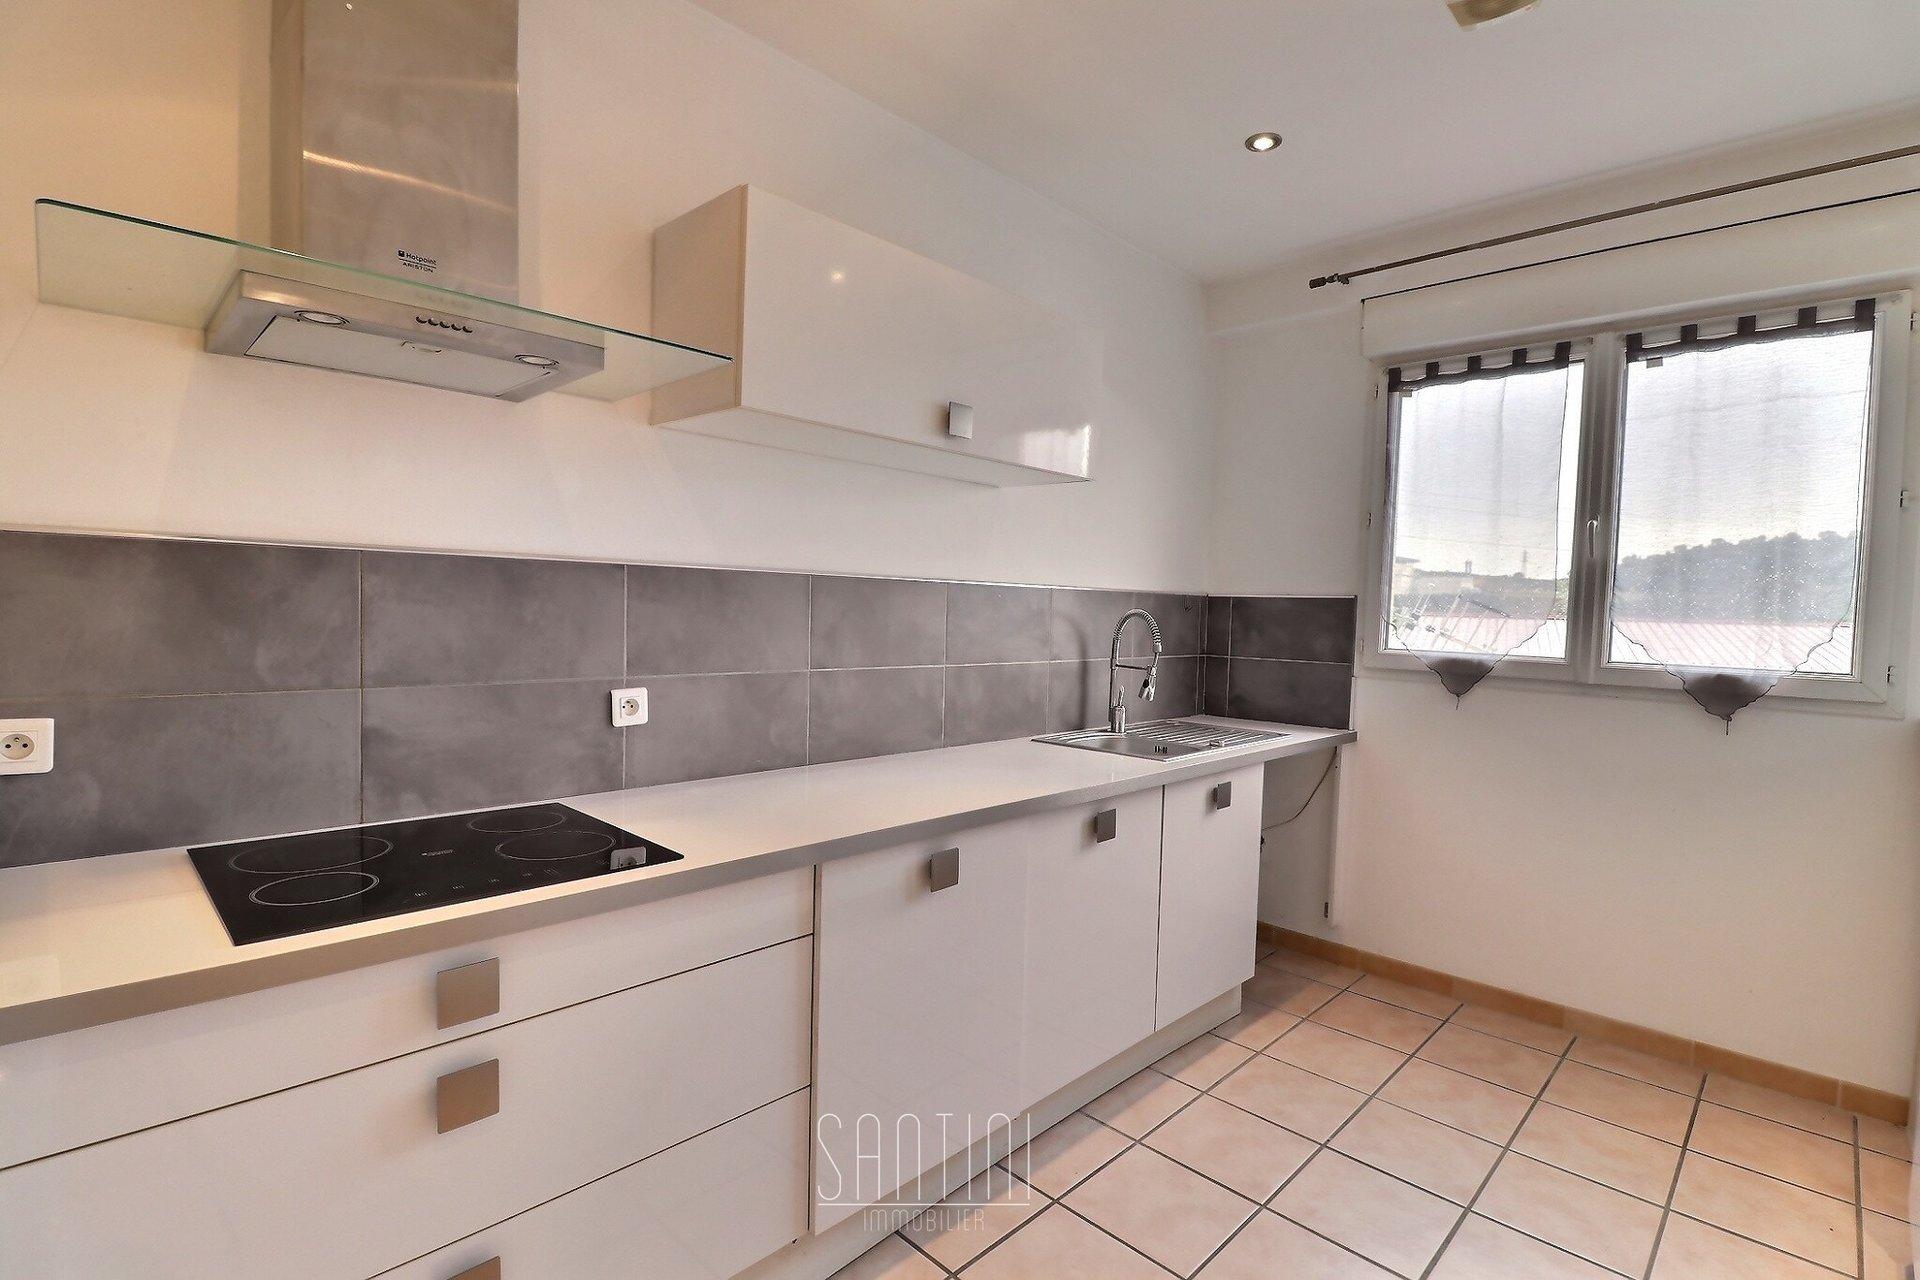 Appartement 3 pièces Suartello - Ajaccio